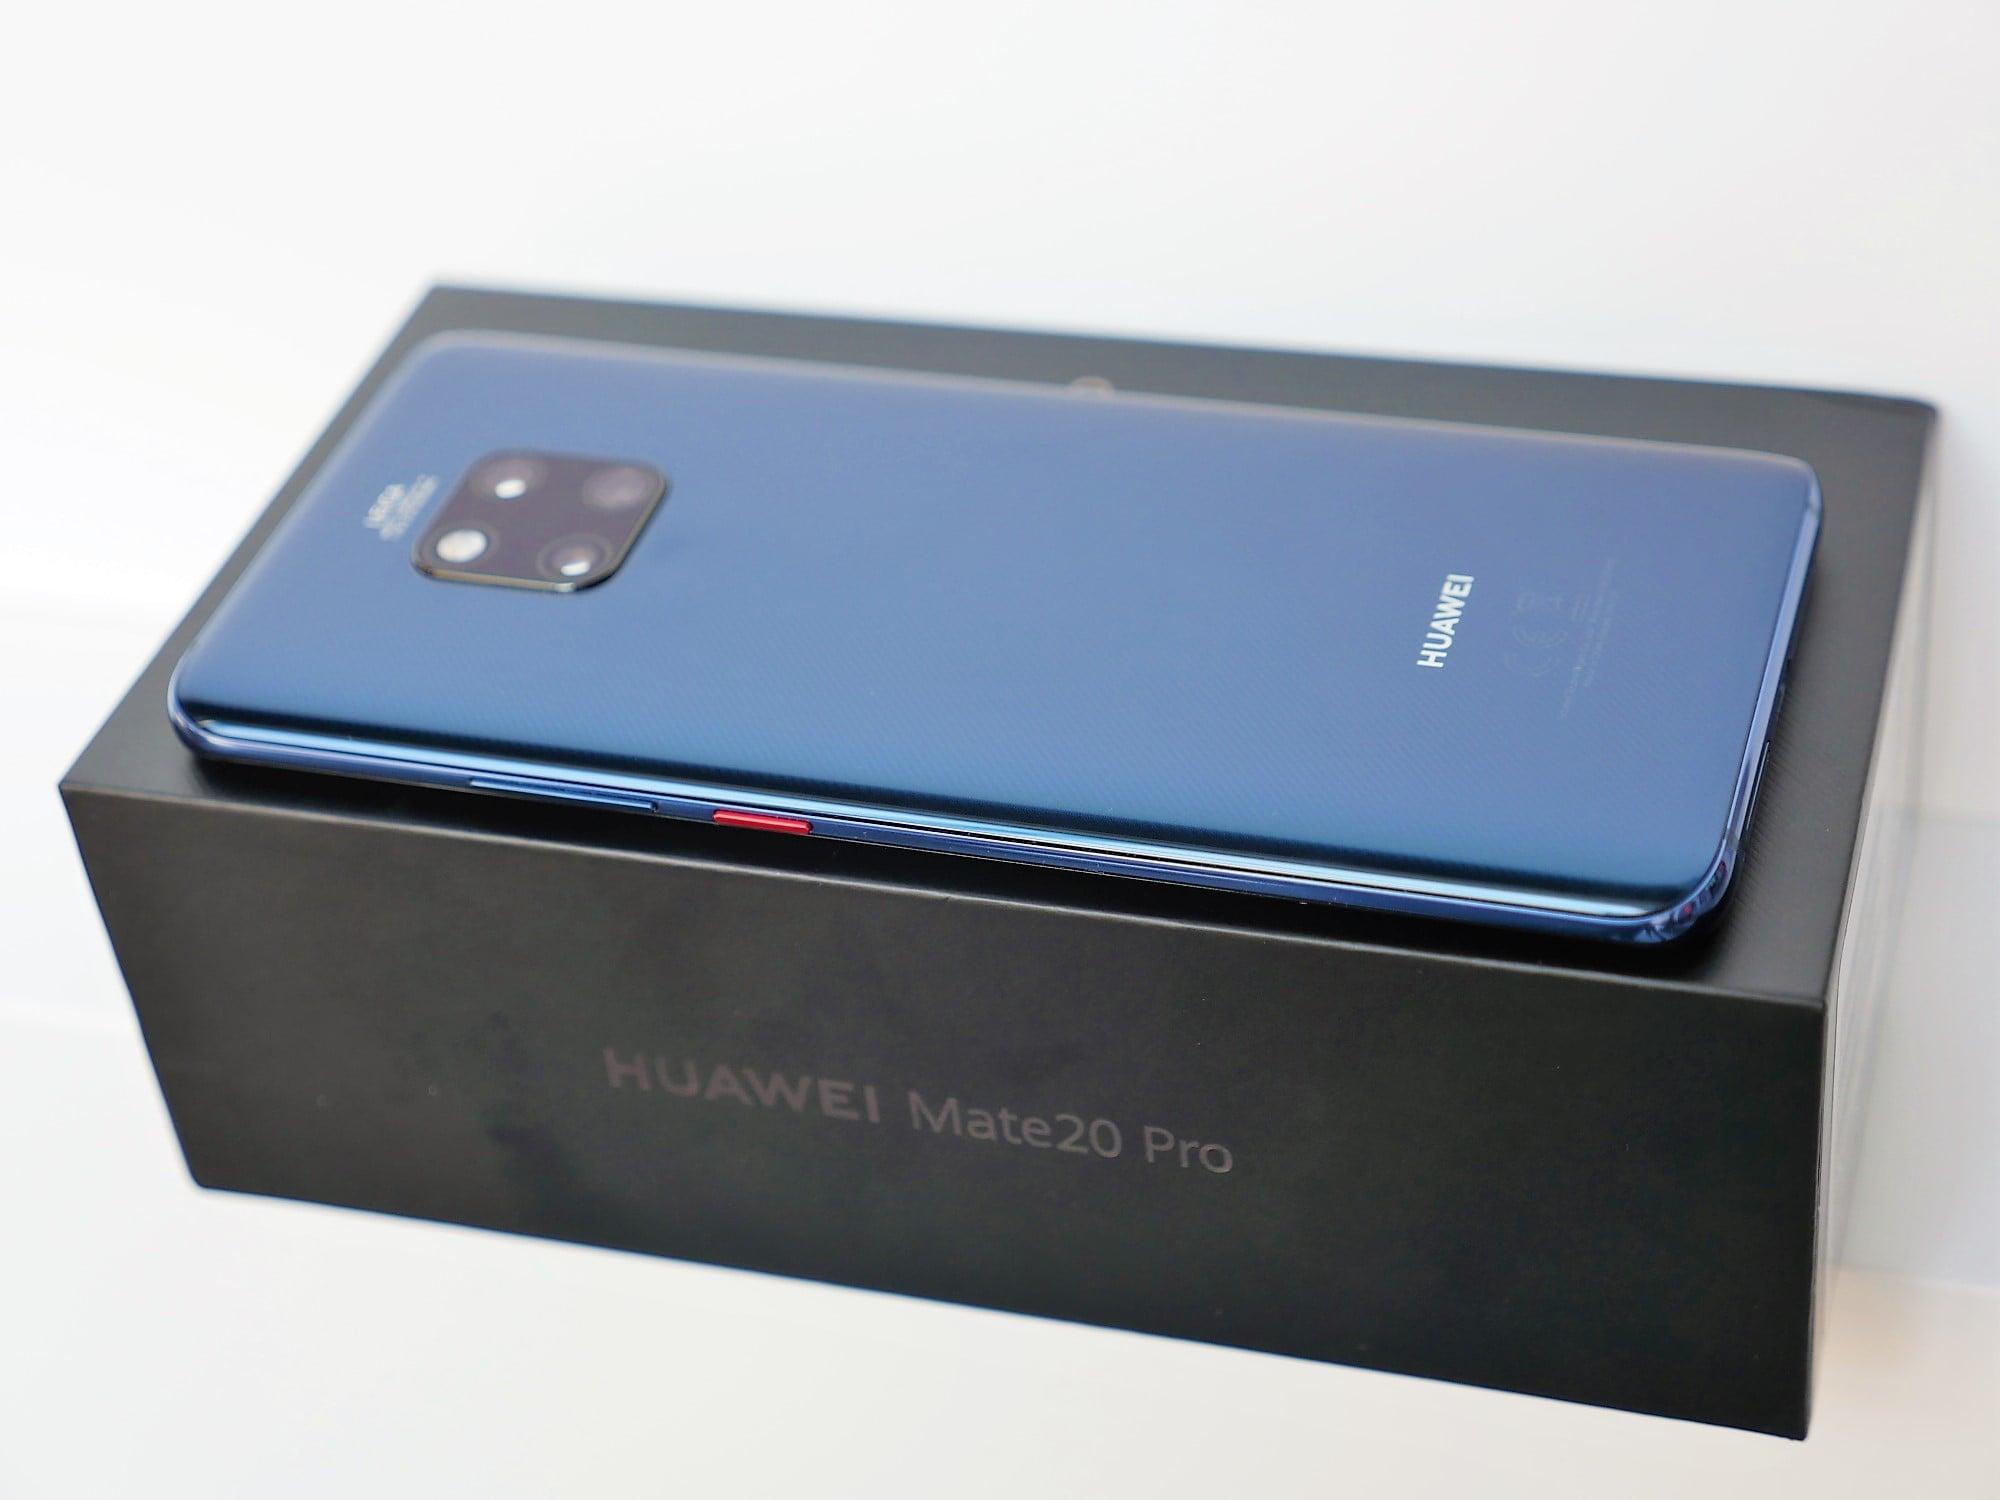 Jaki smartfon do 2000 złotych kupić? (styczeń 2020) 23